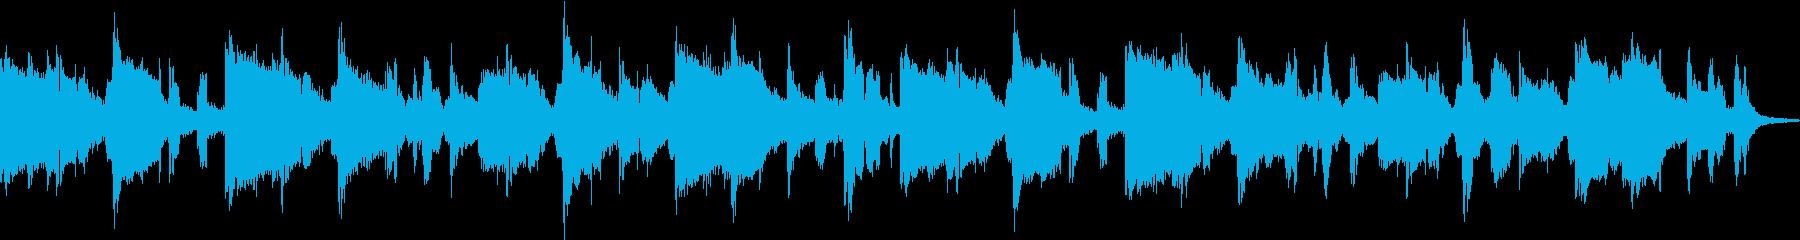 ハモニカ・アメリカンカントリーの再生済みの波形